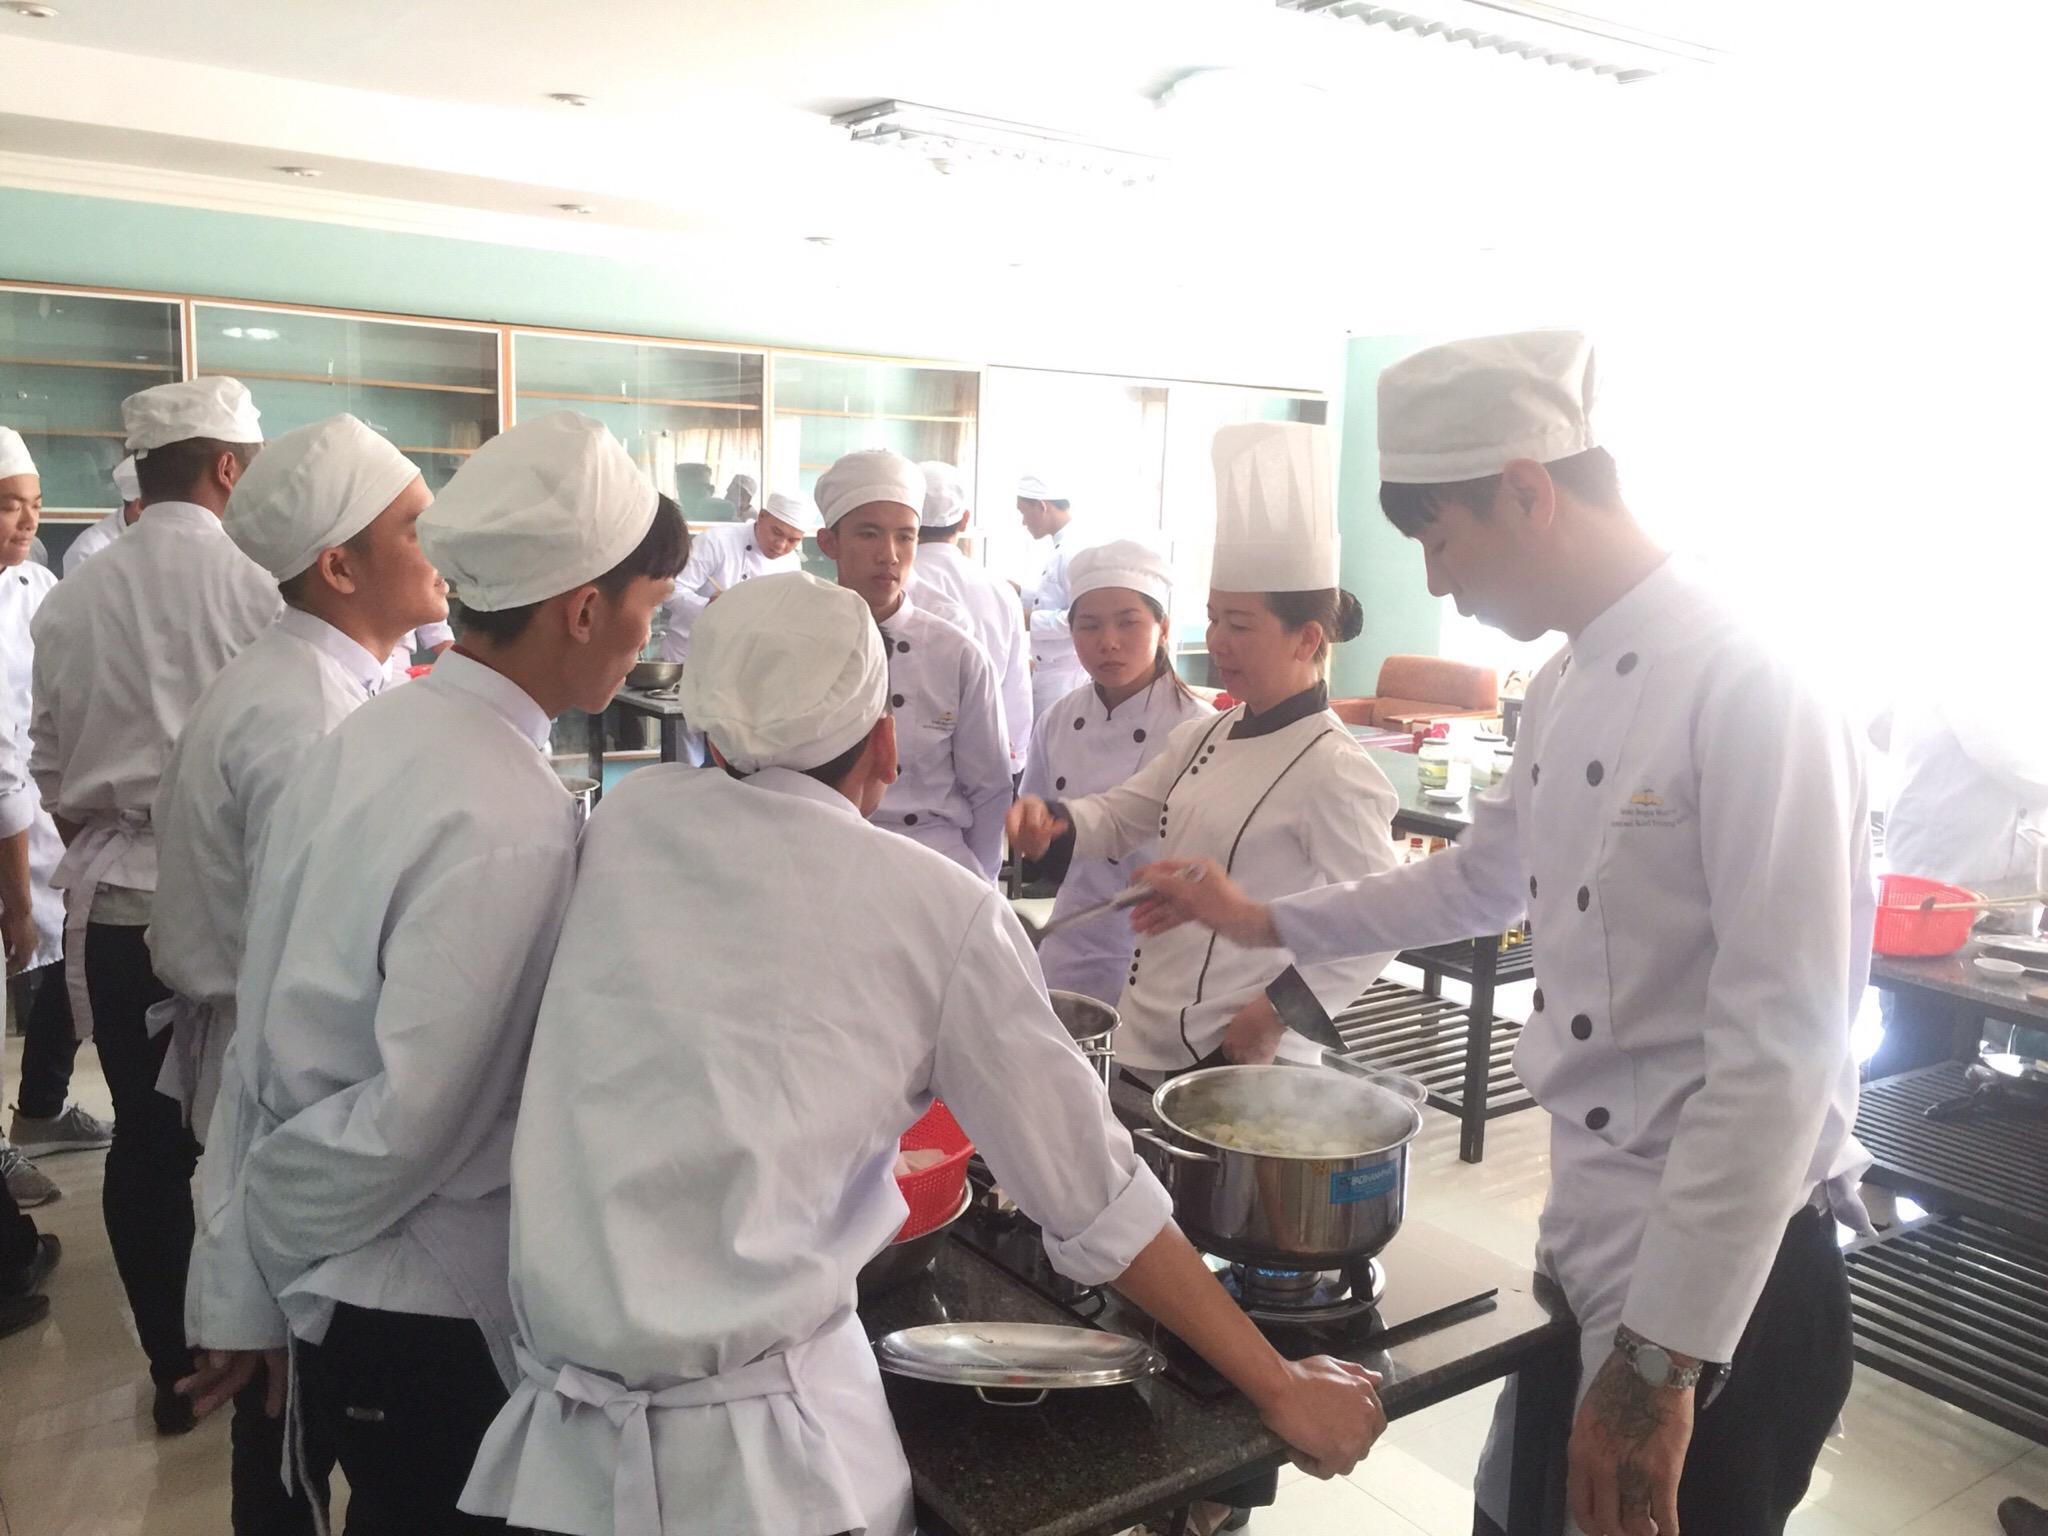 Kết quả hình ảnh cho nghiệp vụ bếp